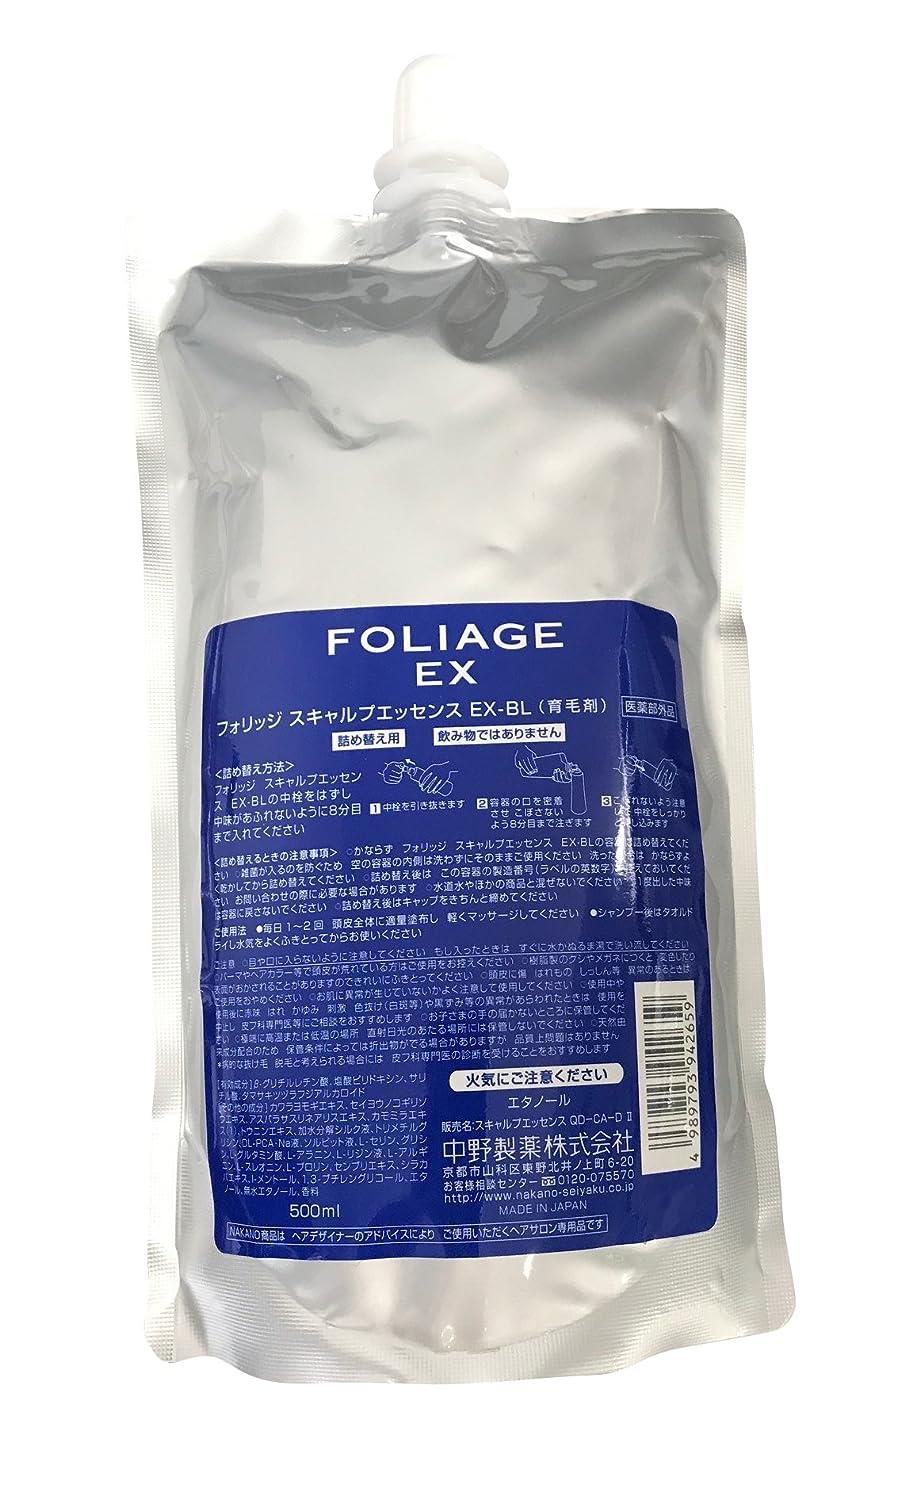 午後マナー浴中野製薬 フォリッジ スキャルプエッセンス EX-BL 500ml [医薬部外品]